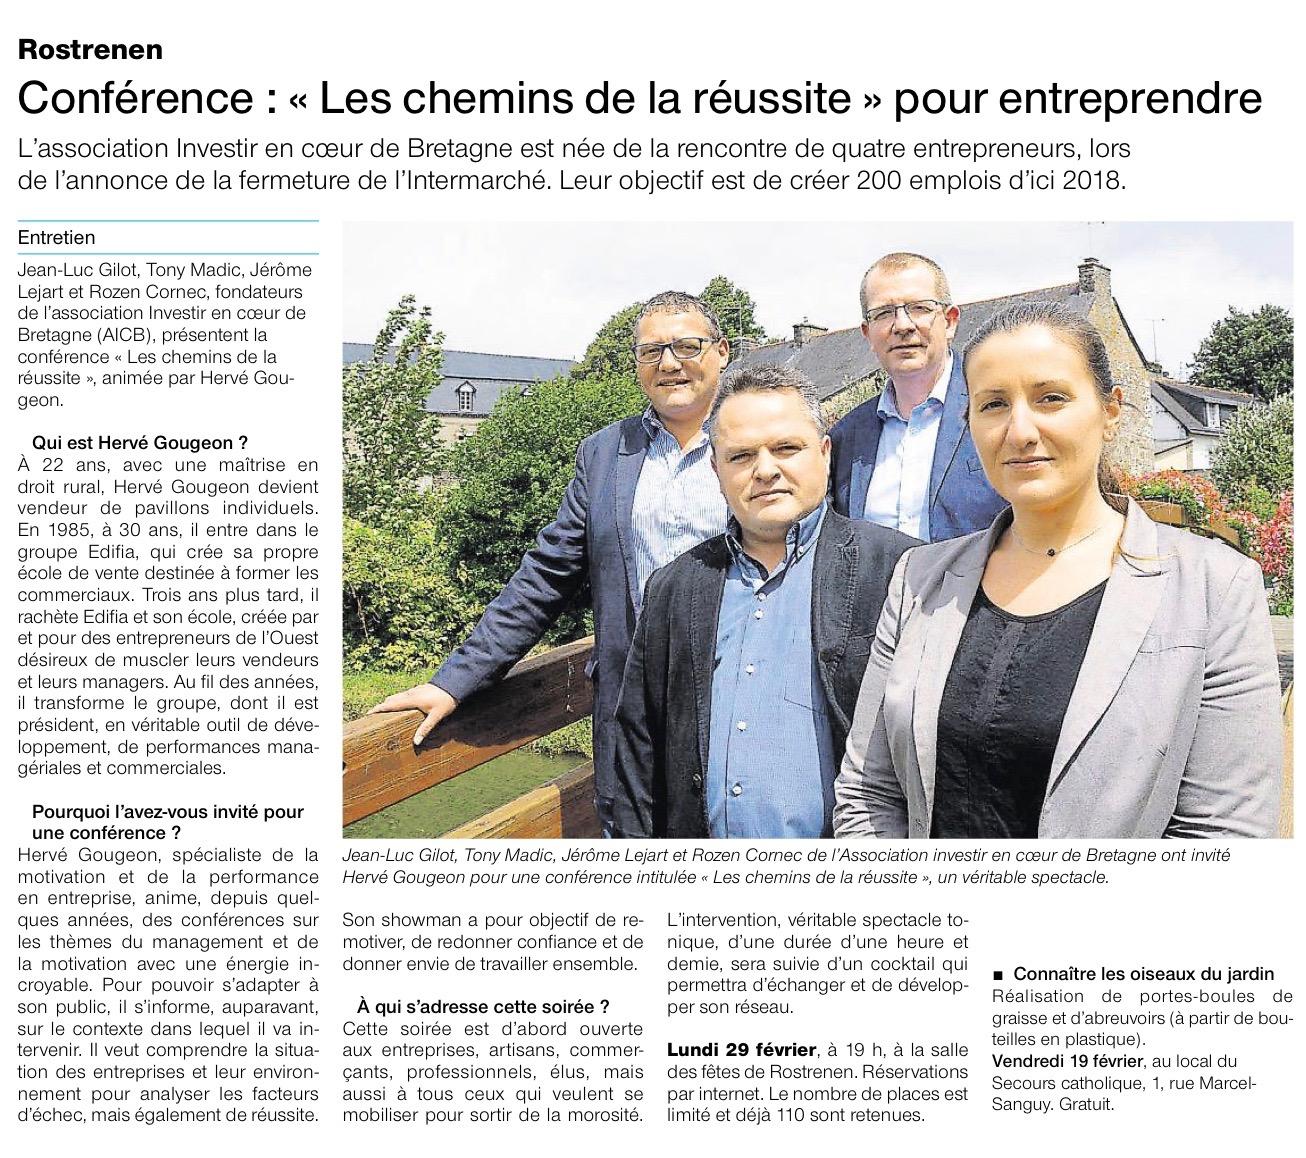 Communiqué de Presse - conférence, les chemins de la reussite pour entreprendre - Ouest France